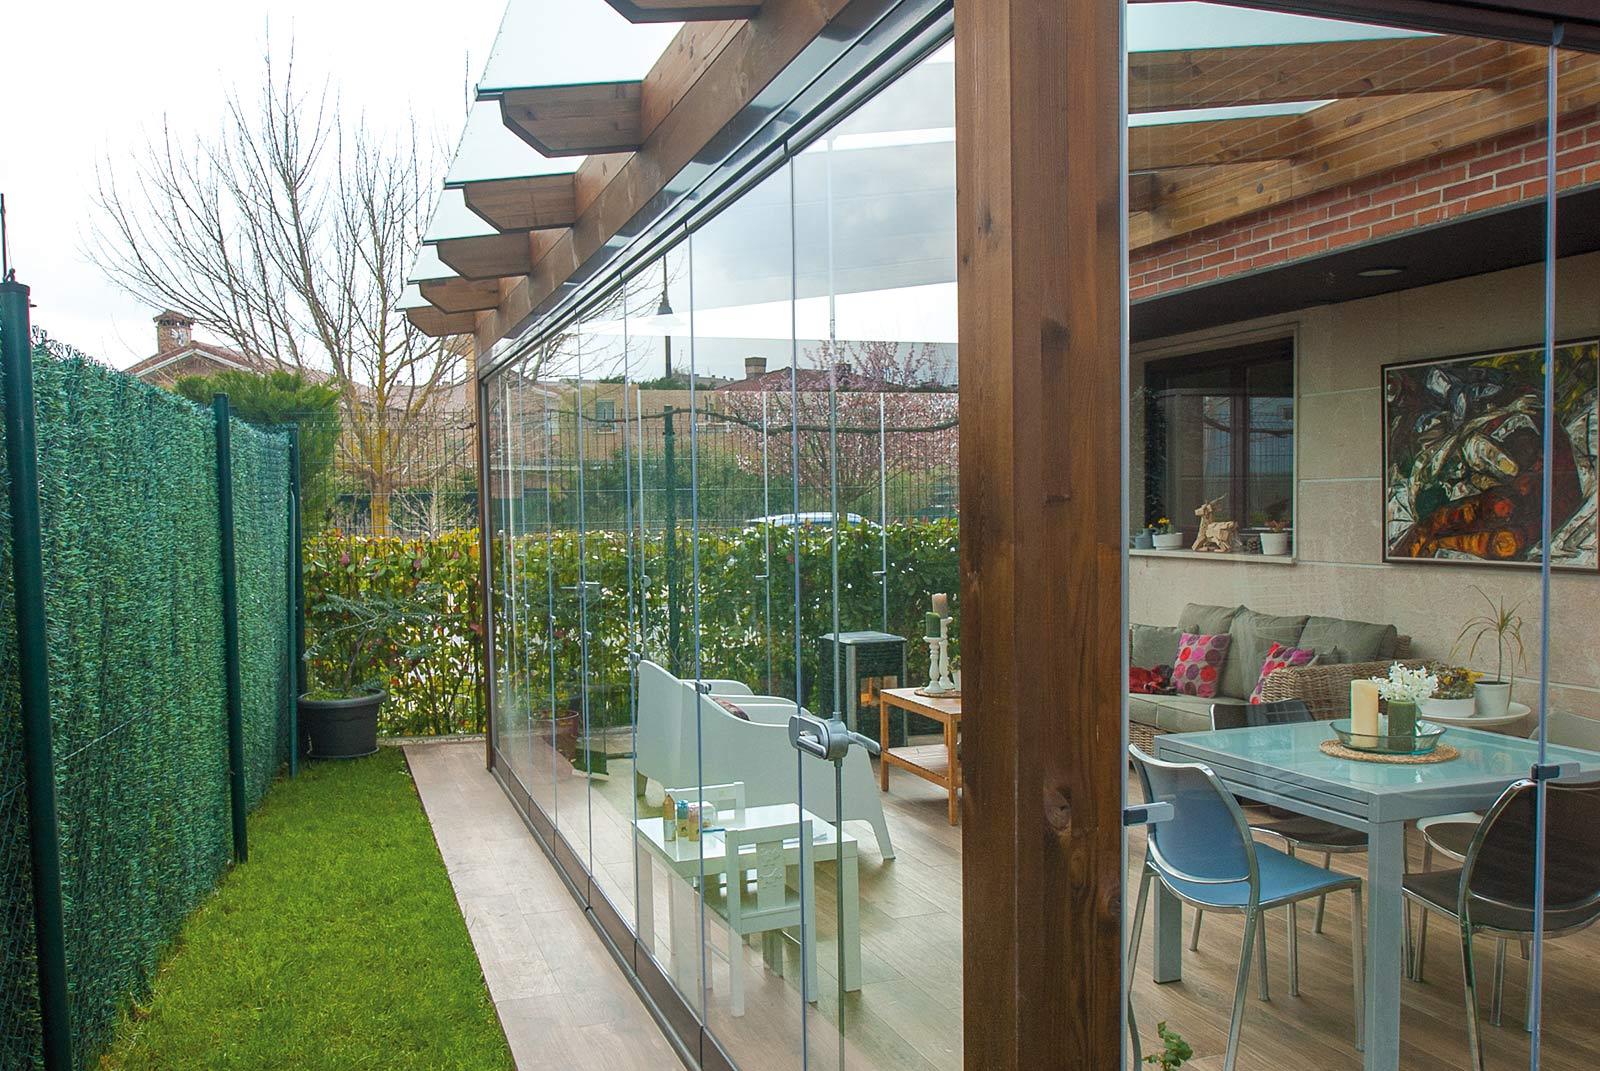 porche-jardin-madera-cristal-lumon-cerrado-abierto-17